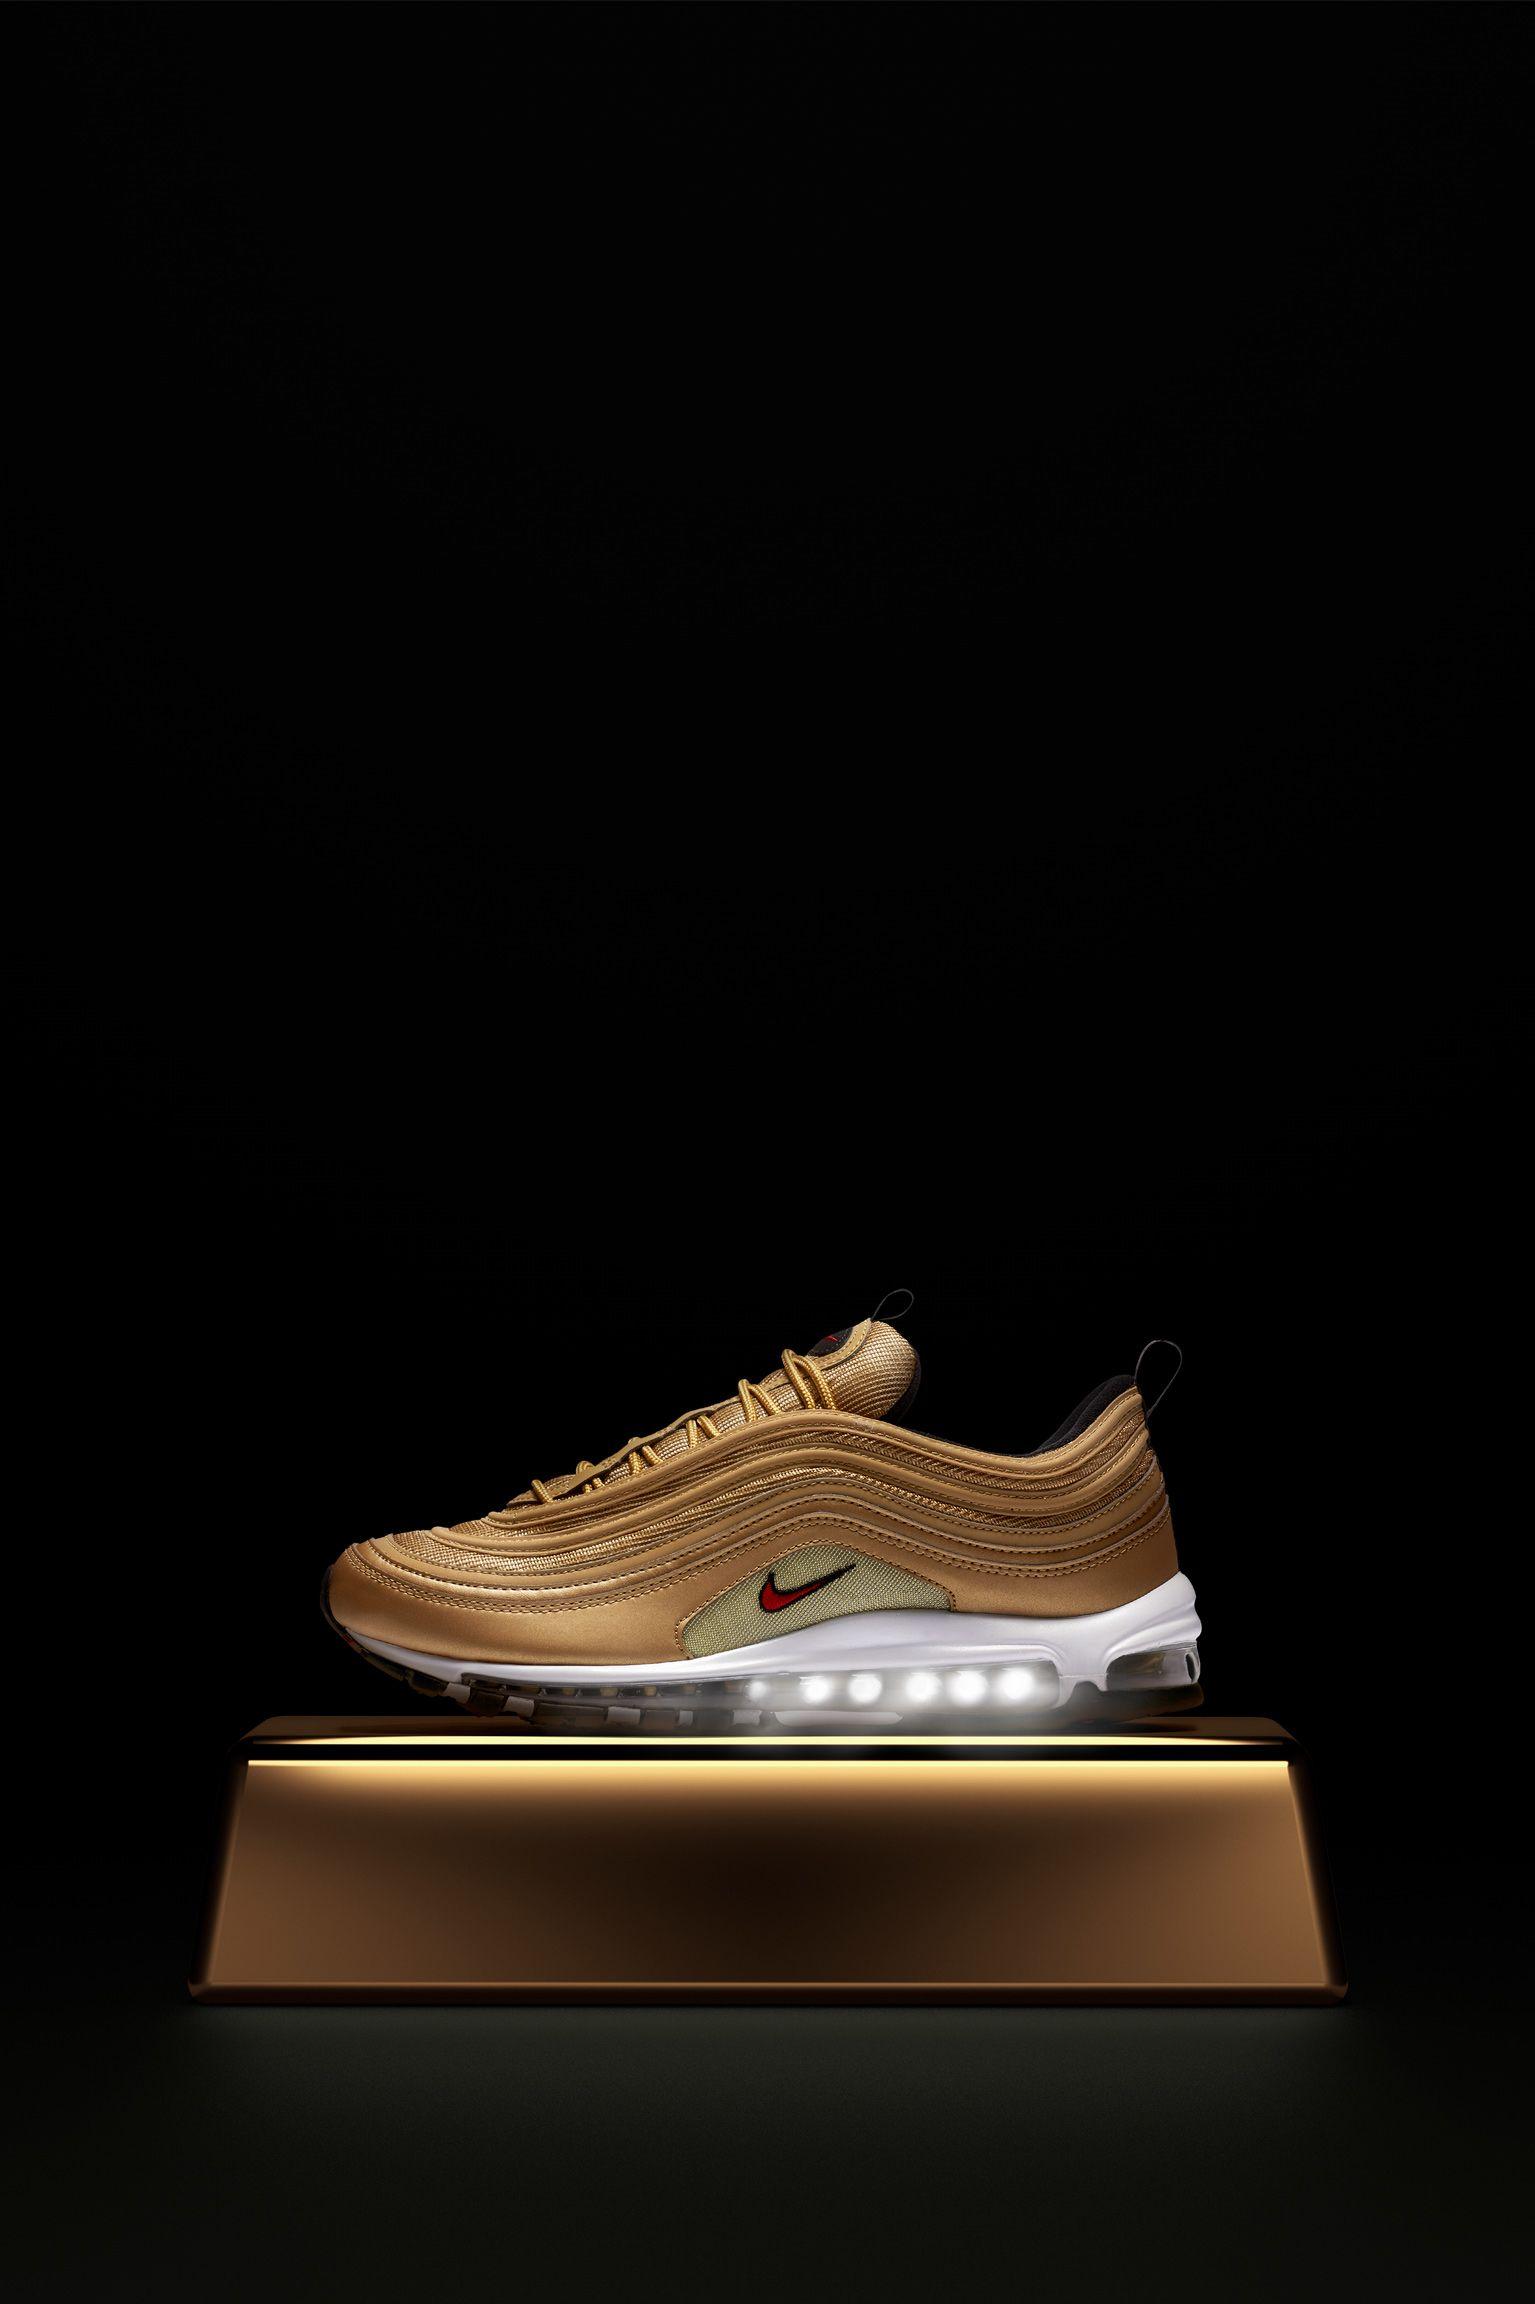 air max 97 donna gold